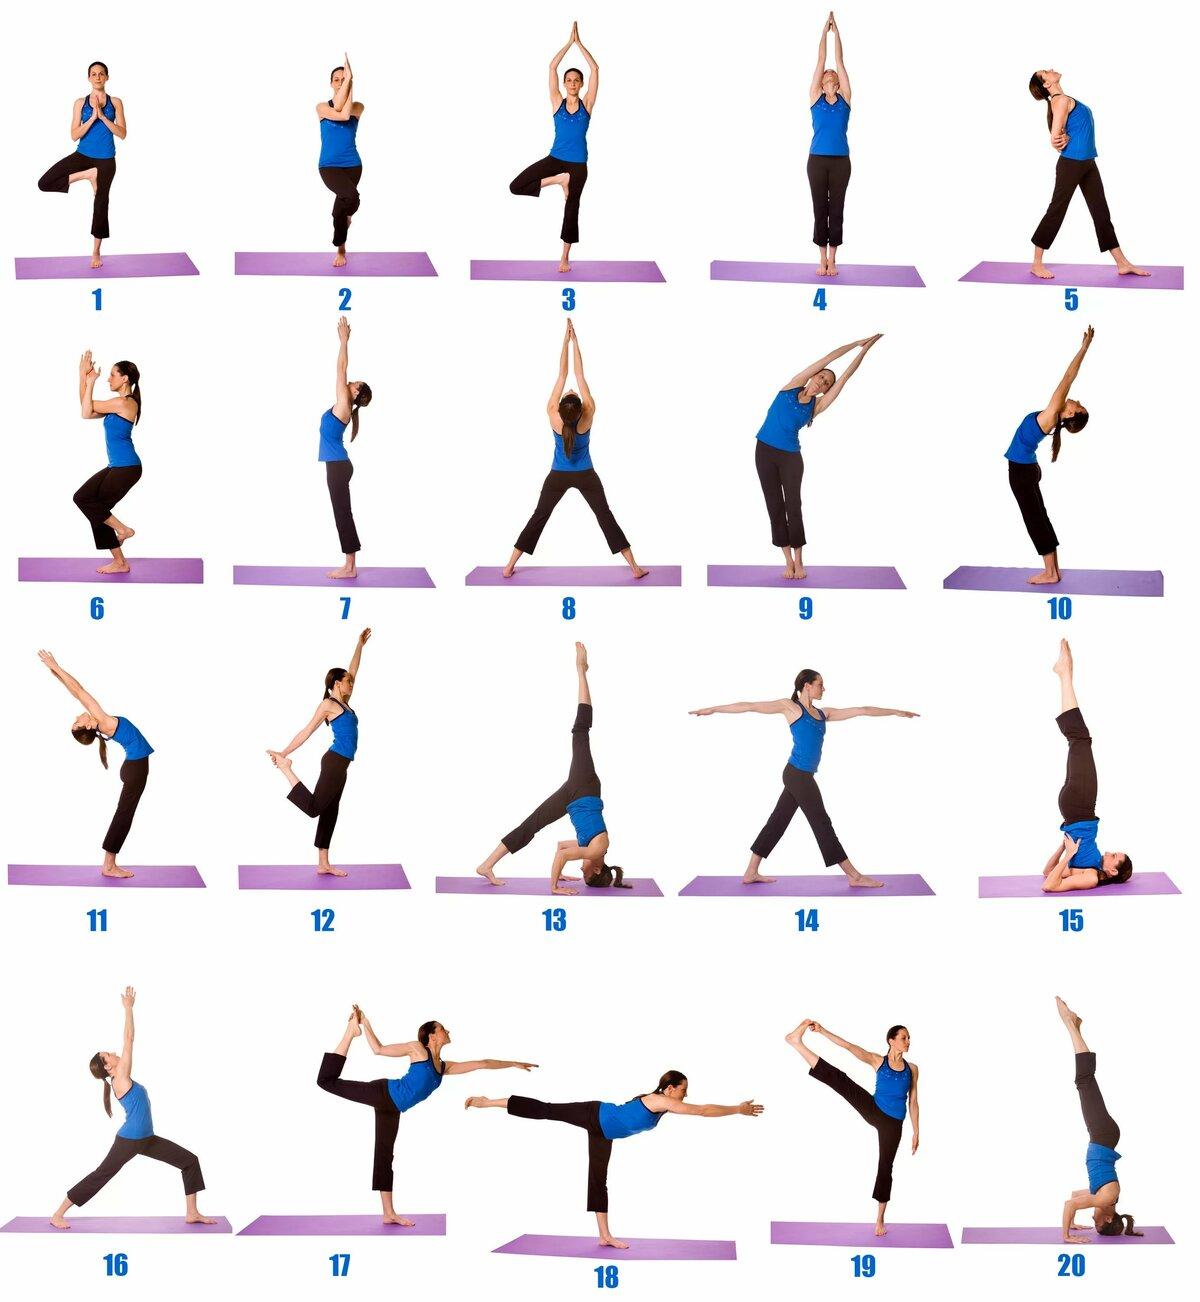 Легкие Упражнения На Похудение. Упражнения для похудения в домашних условиях